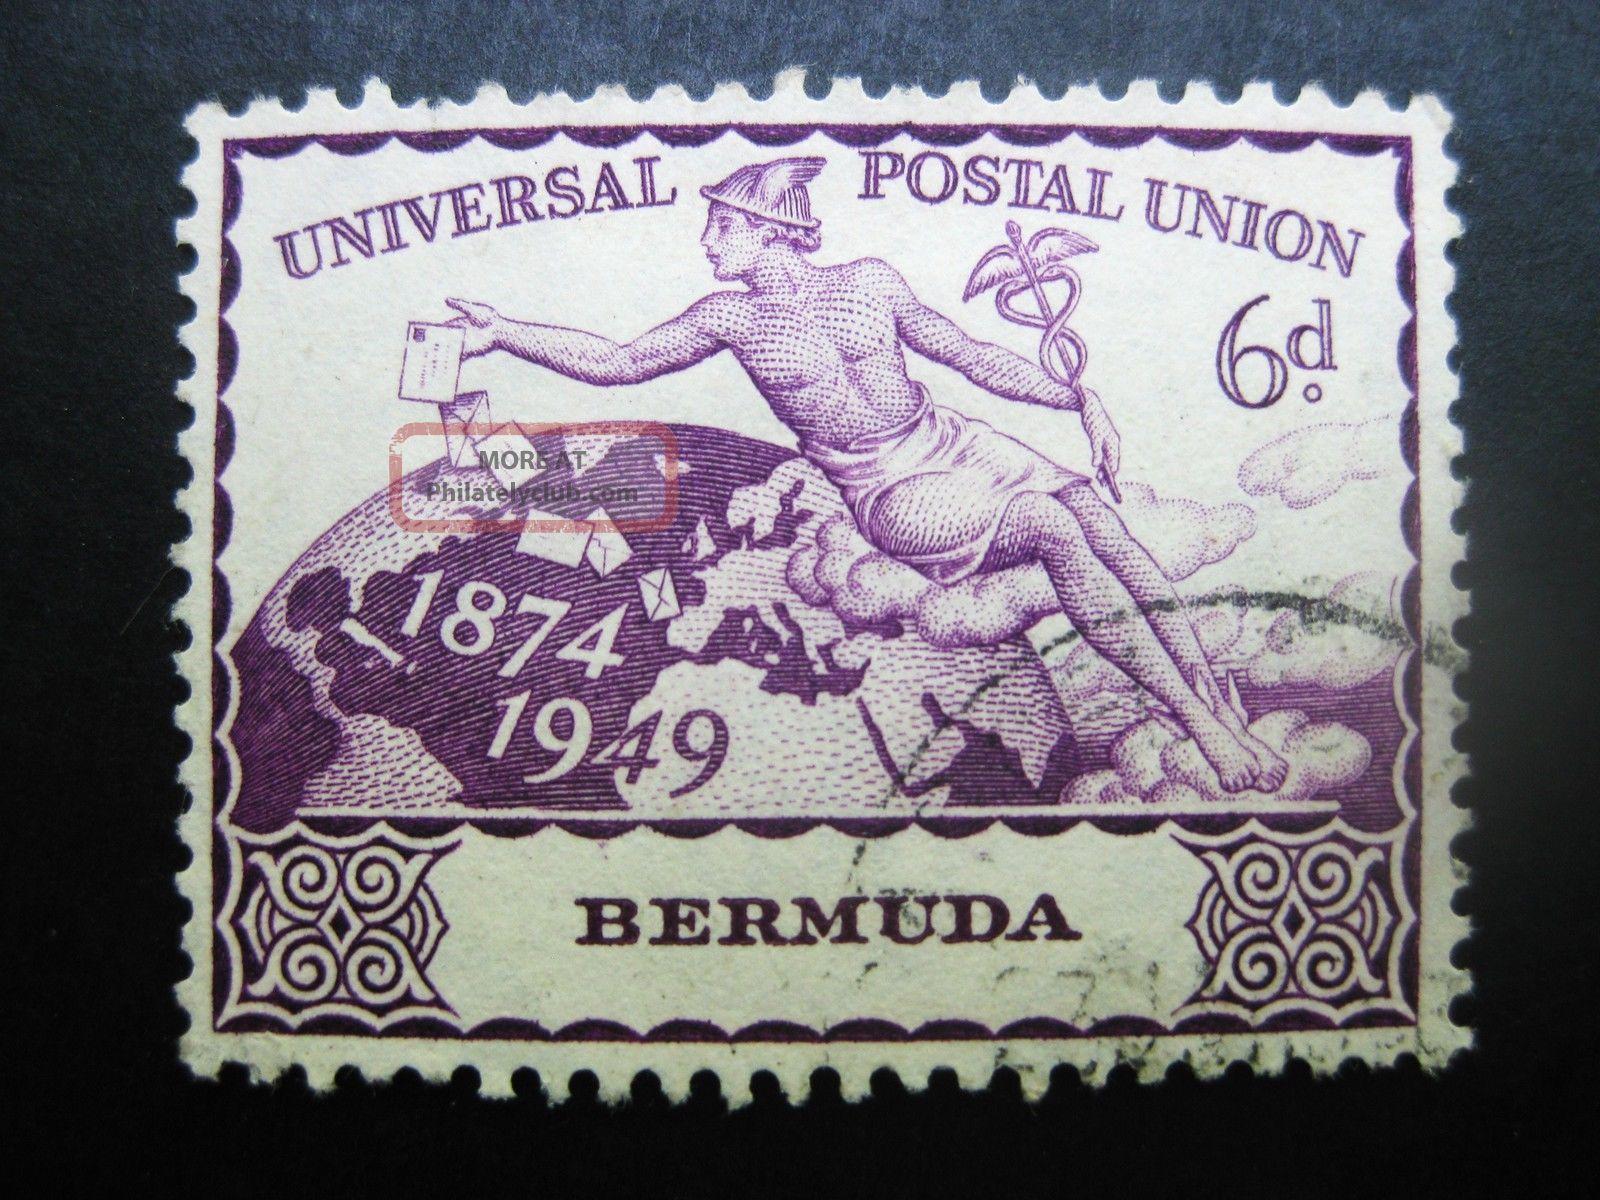 Bermuda 1949 6p Rosevio Stamp Sc 140